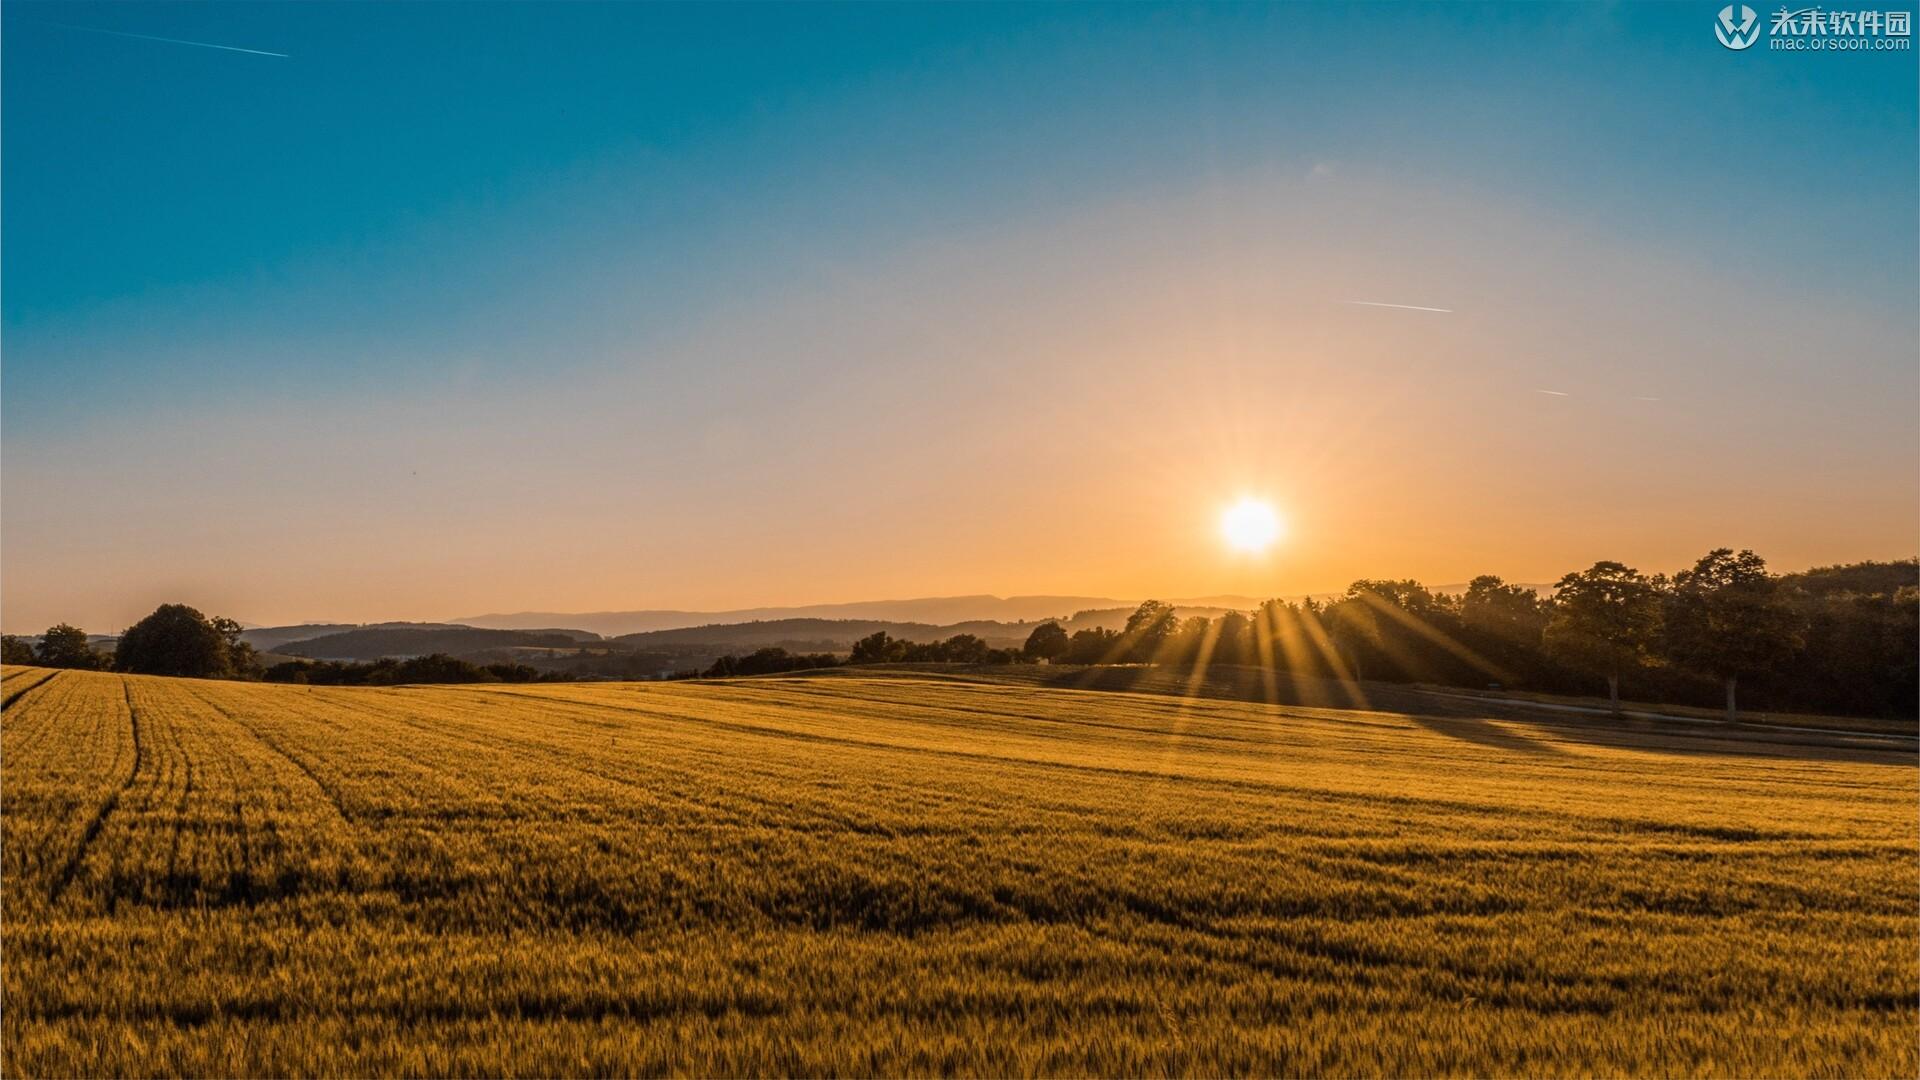 牧场日出日落风景高清Mac动态壁纸